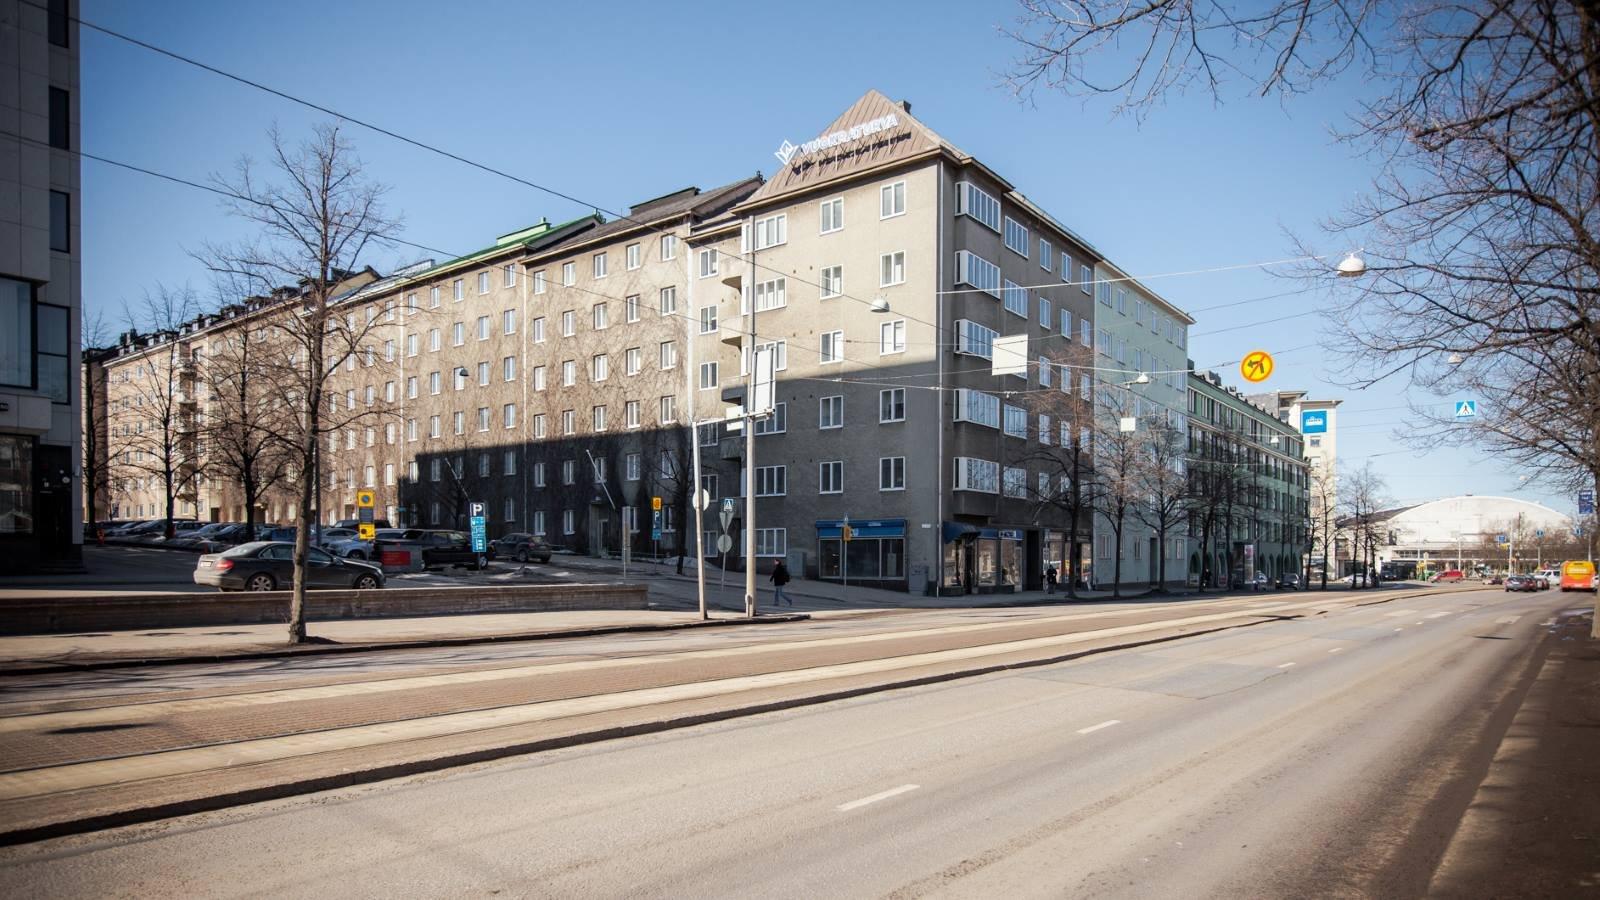 Taloyhtiö Helsinki keskusta maalämpö